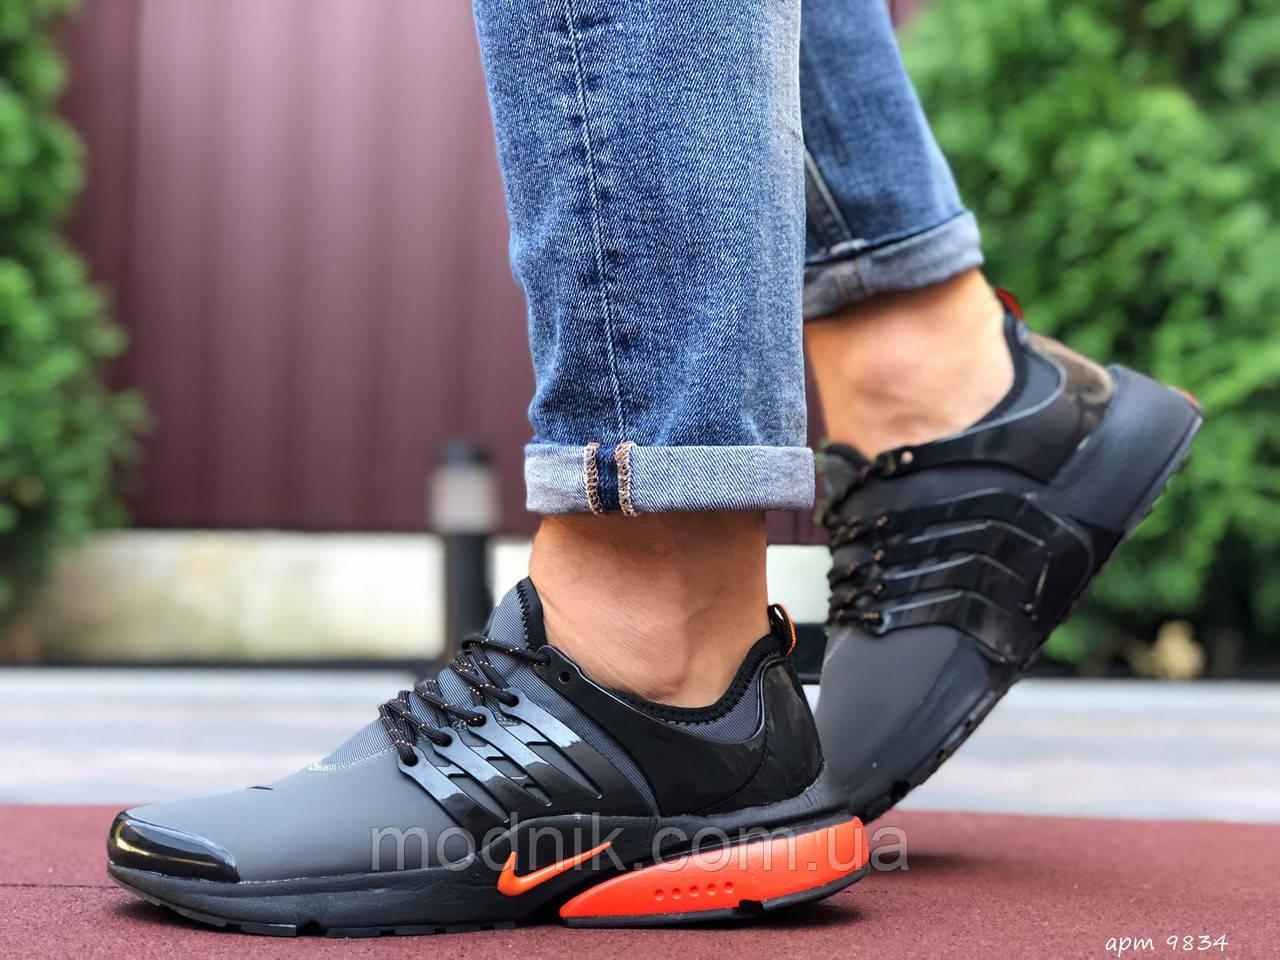 Мужские кроссовки Niке Air Presto (серые) 9834